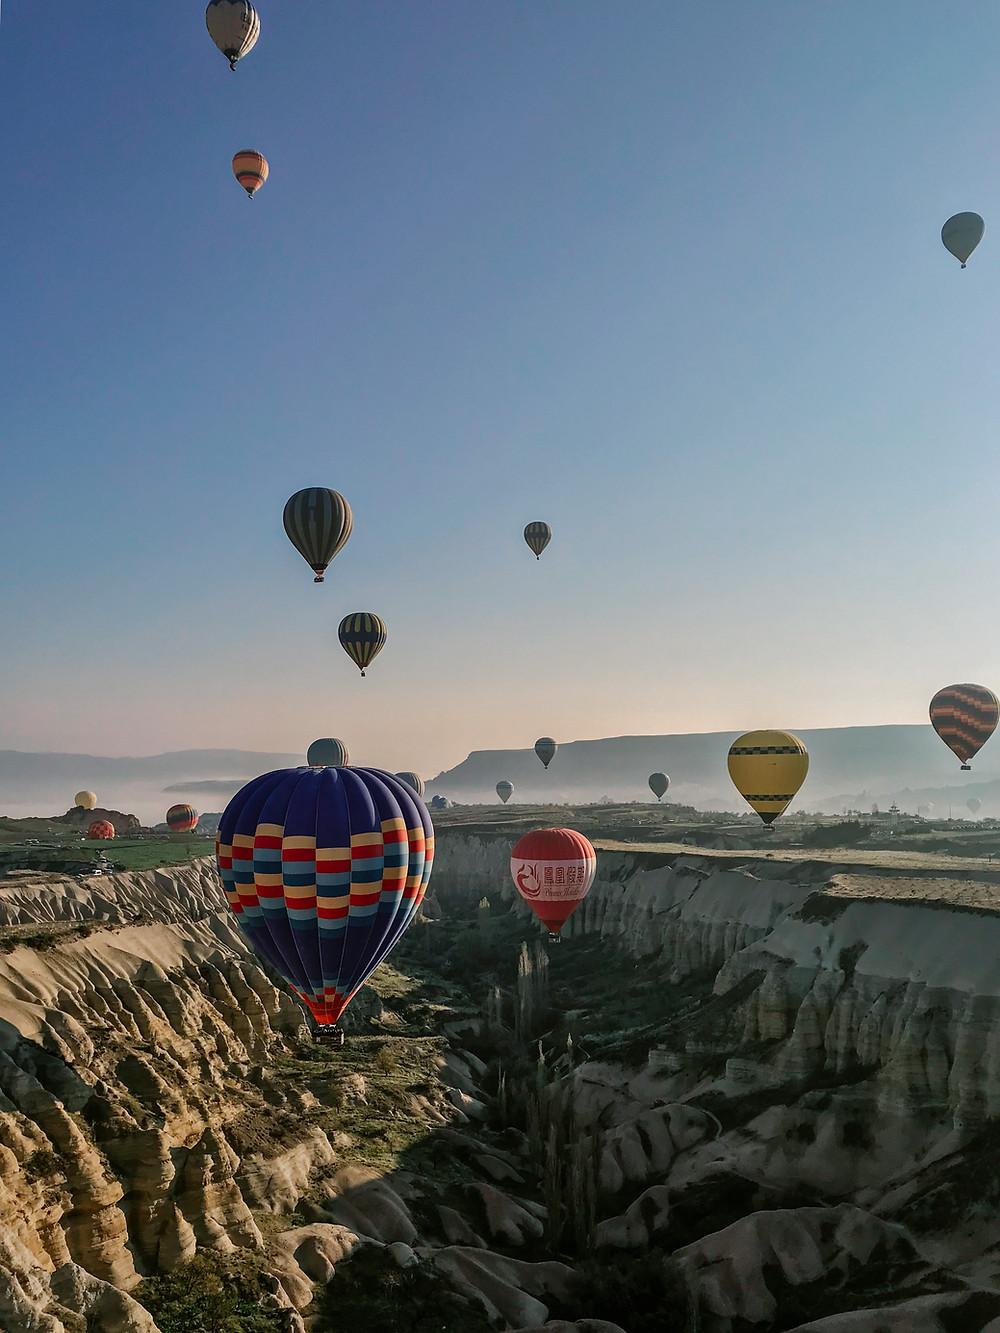 cappadocia hot air balloon what to wear